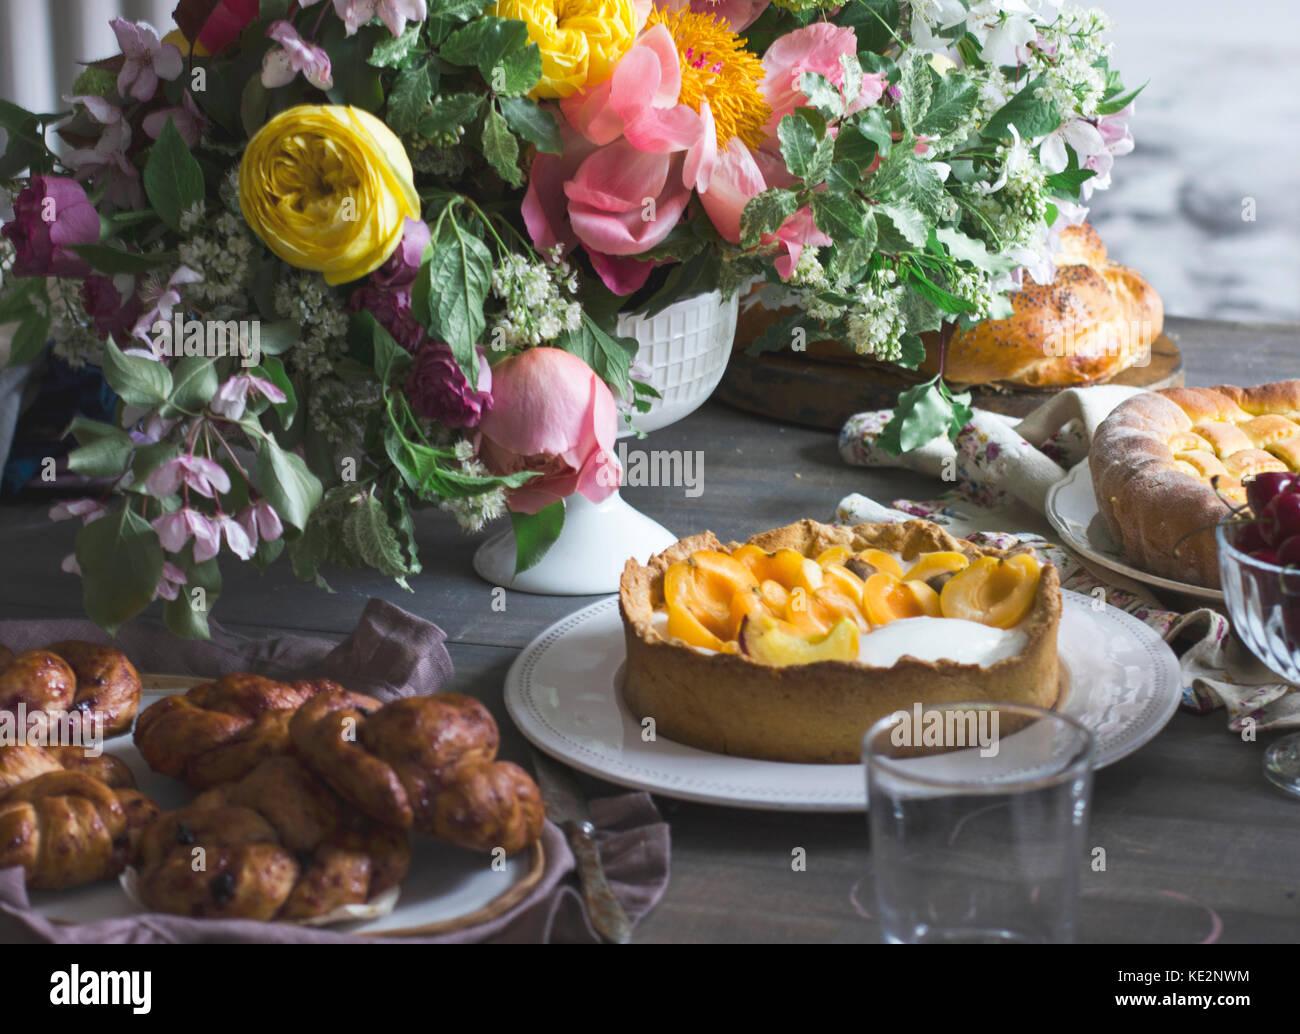 Festliche Tafel mit großen Blumenstrauß, hausgemachte Kuchen und Gebäck Stockbild